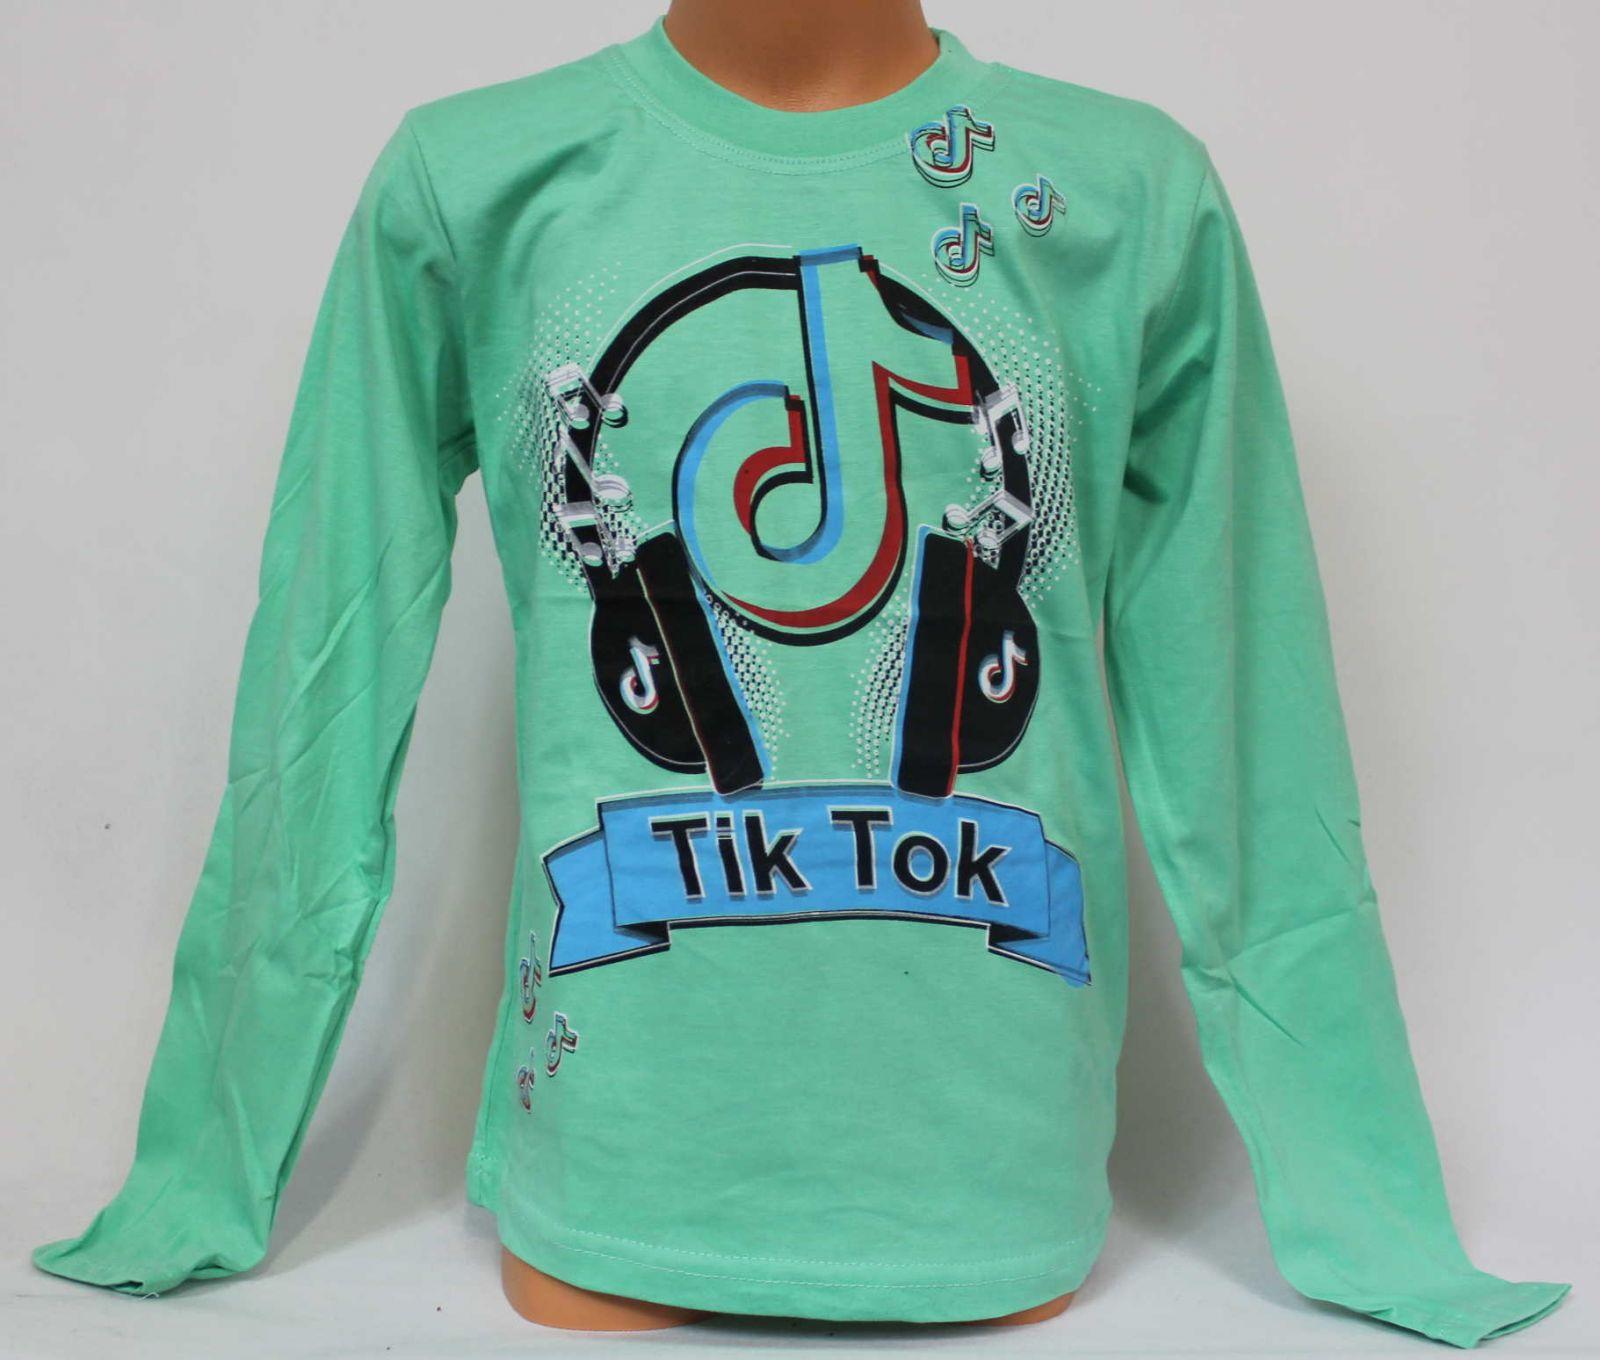 TIK TOK tričko, chlapecké tričko Tik Tok, triko dlouhý rukáv Tik Tok, bavlněné tričko Tik Tok